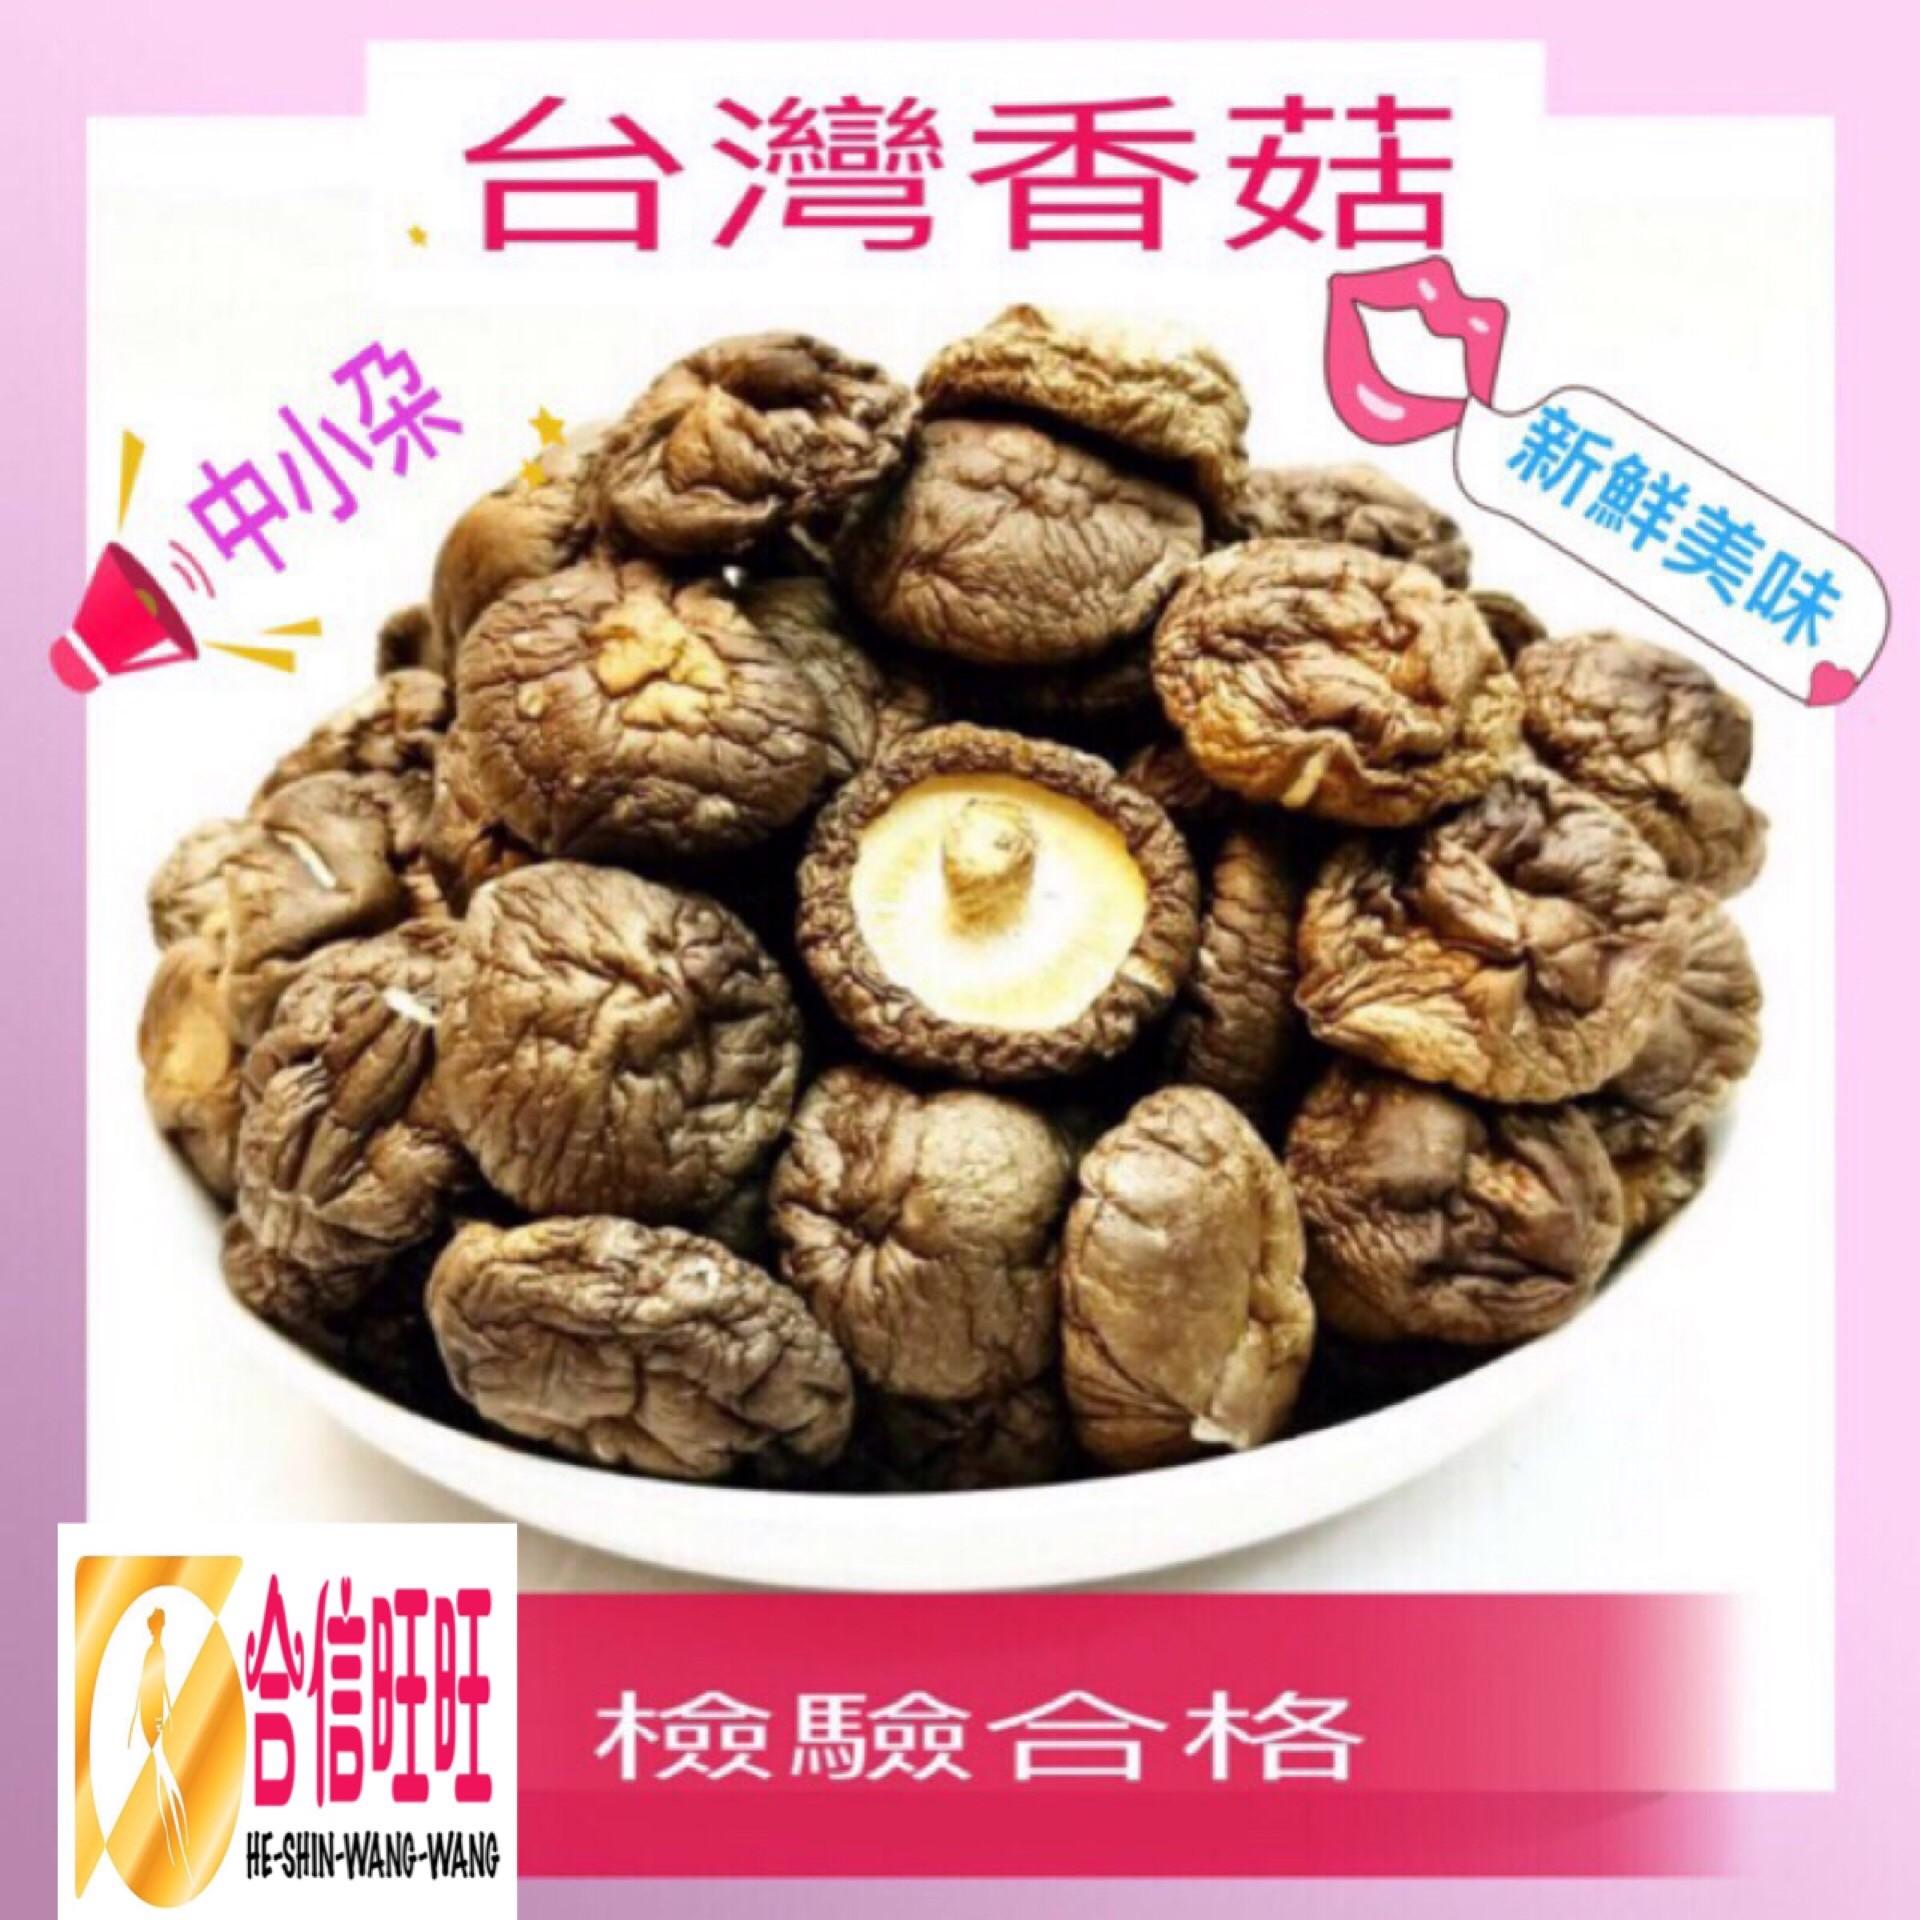 【台灣香菇】300克(小朵)╱滋味鮮美 濃濃菇香味